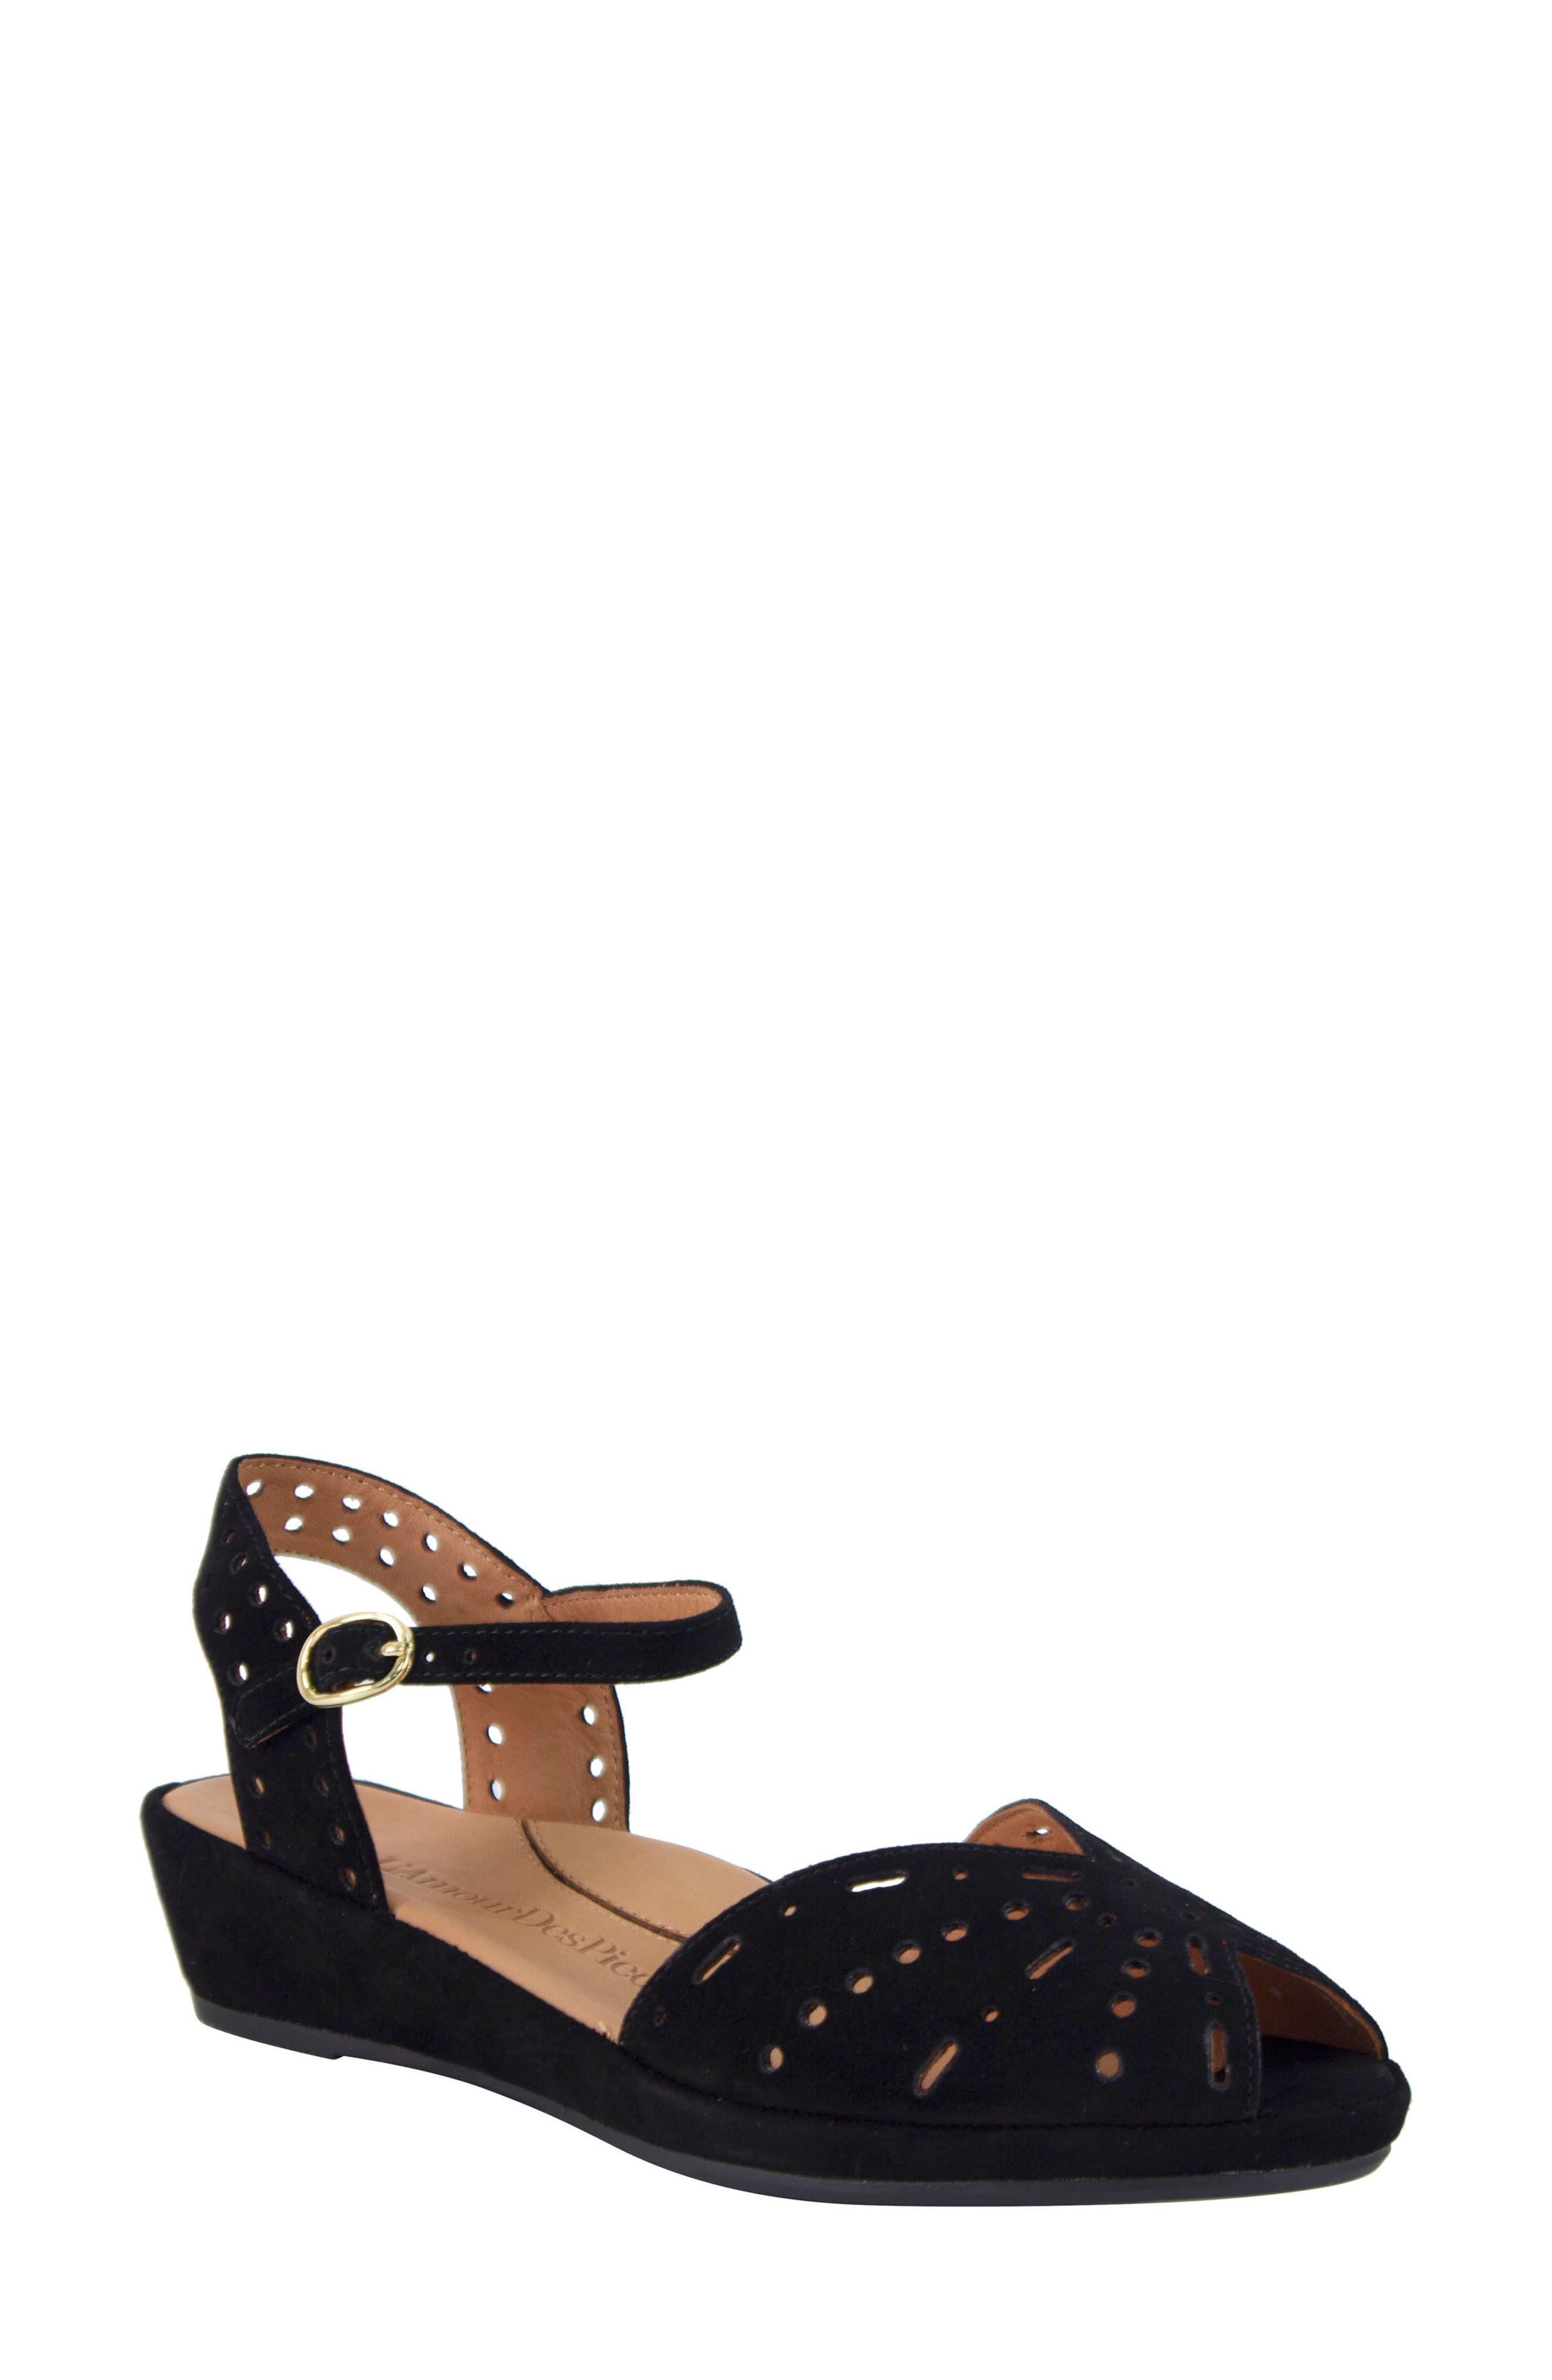 L'AMOUR DES PIEDS, 'Brenn' Ankle Strap Sandal, Main thumbnail 1, color, BLACK SUEDE